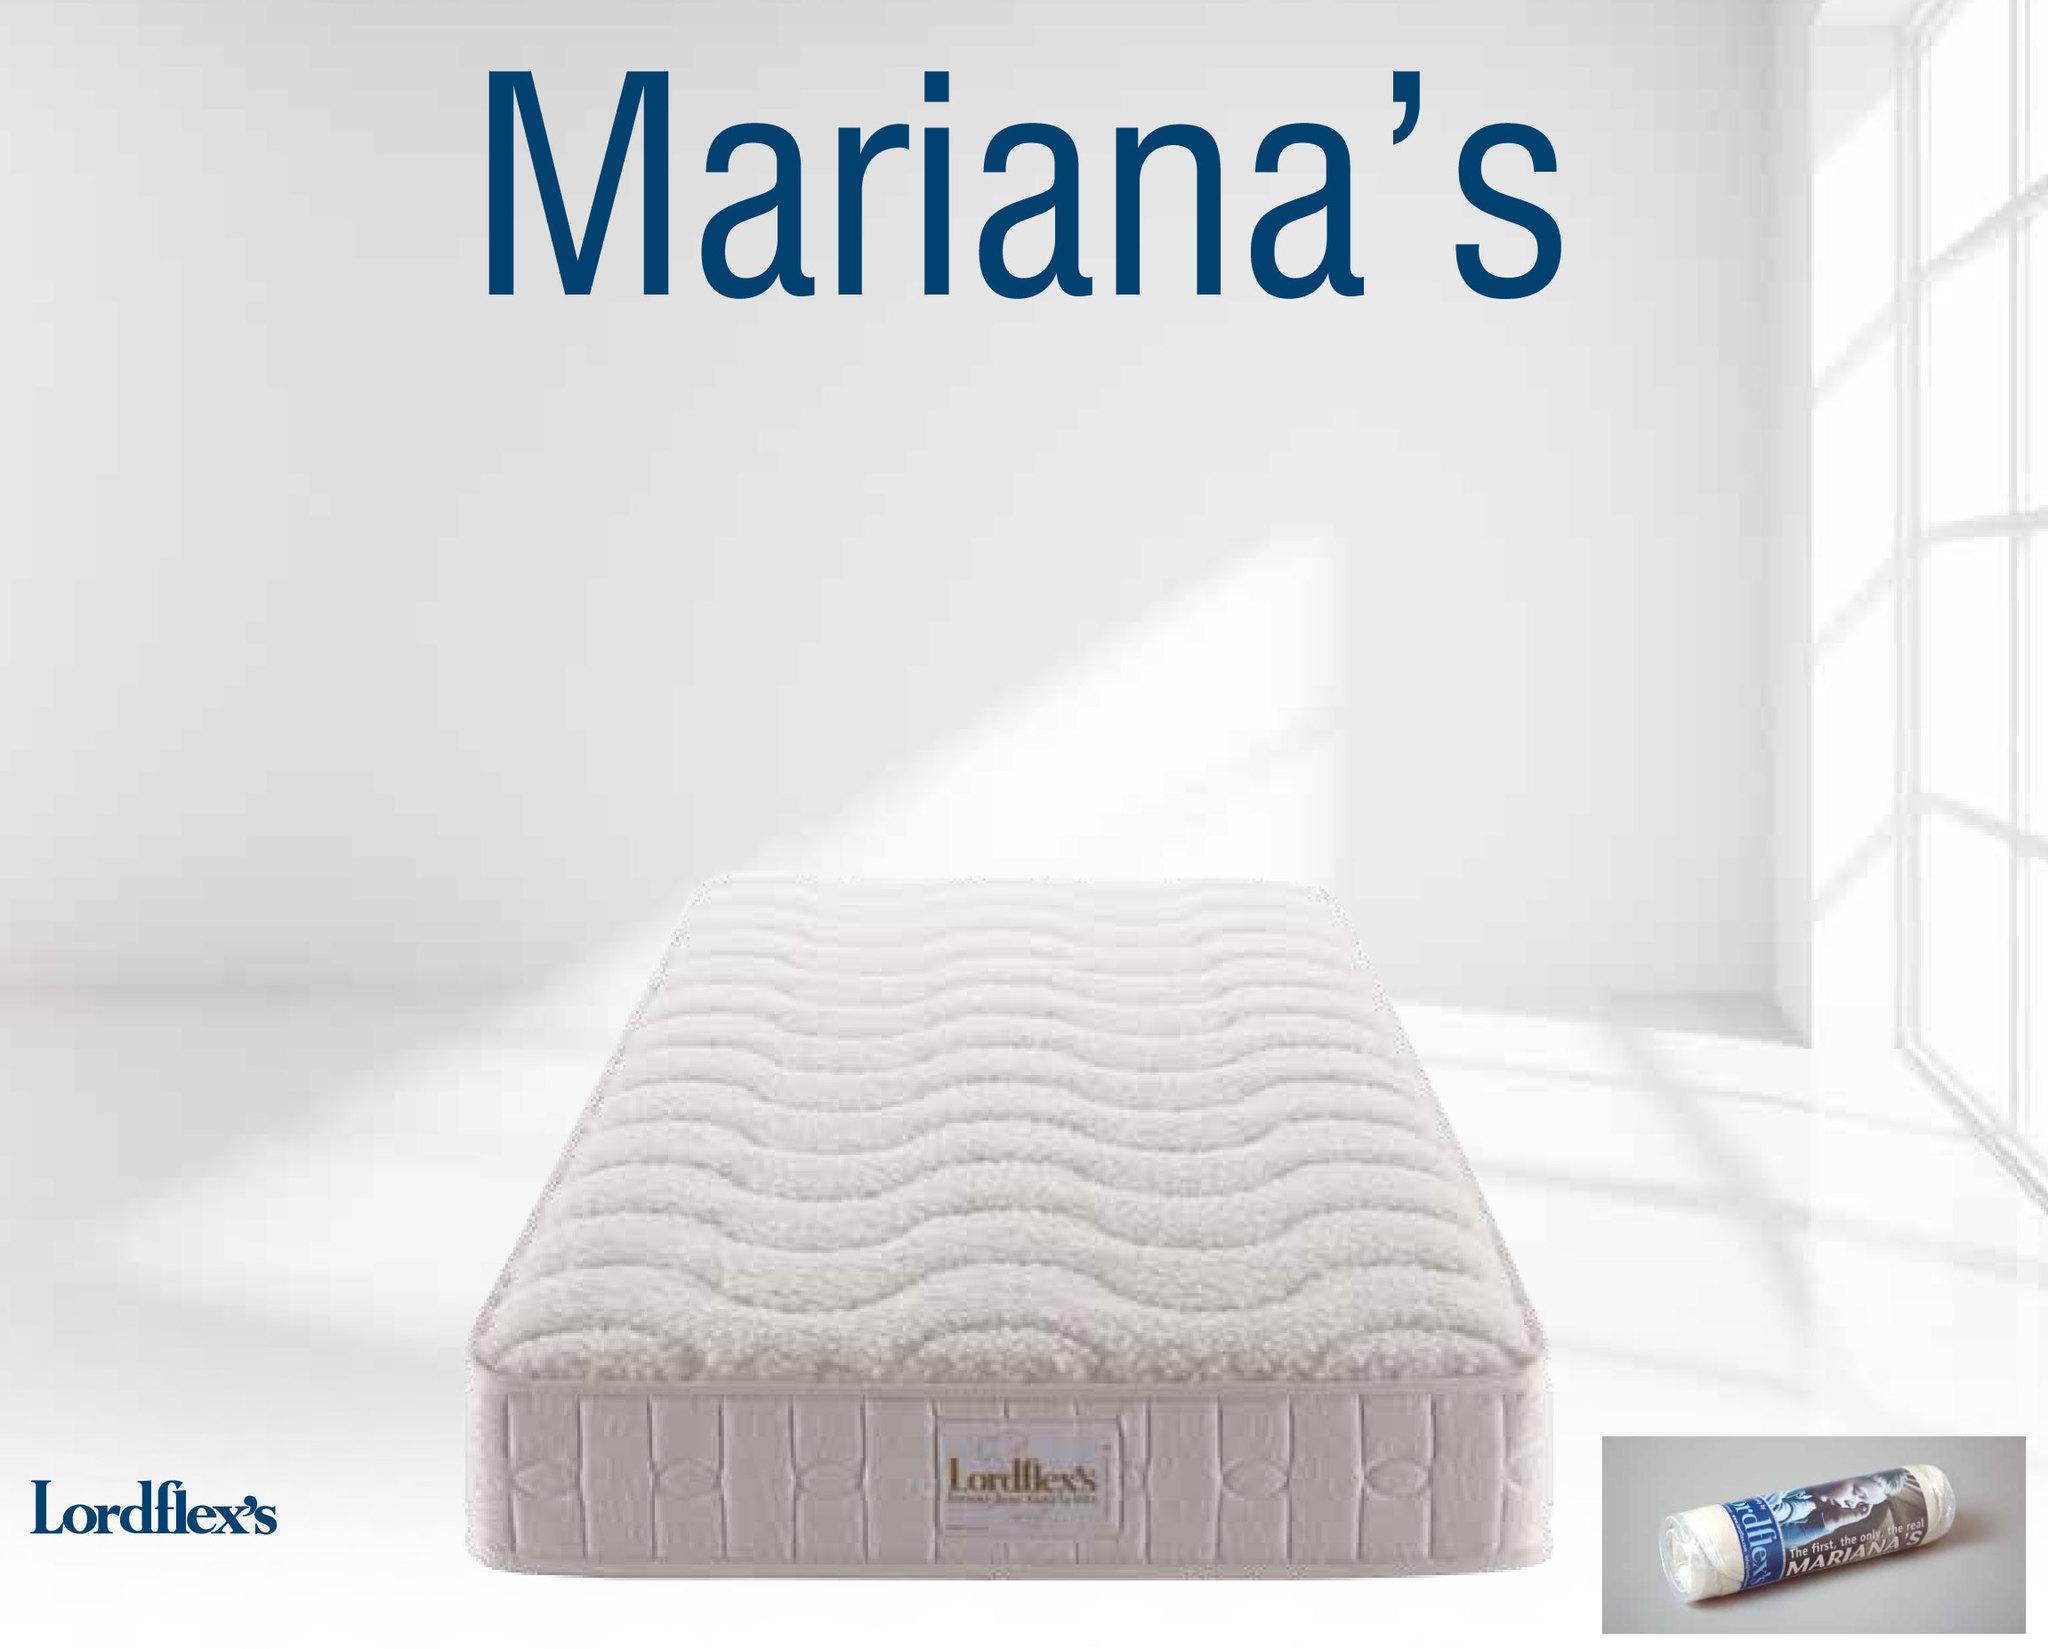 Матрасы Матрас ортопедический Lordflex's Mariana's 85х200 до 140 кг в вакуумной упаковке 1_Mariana_s.jpg